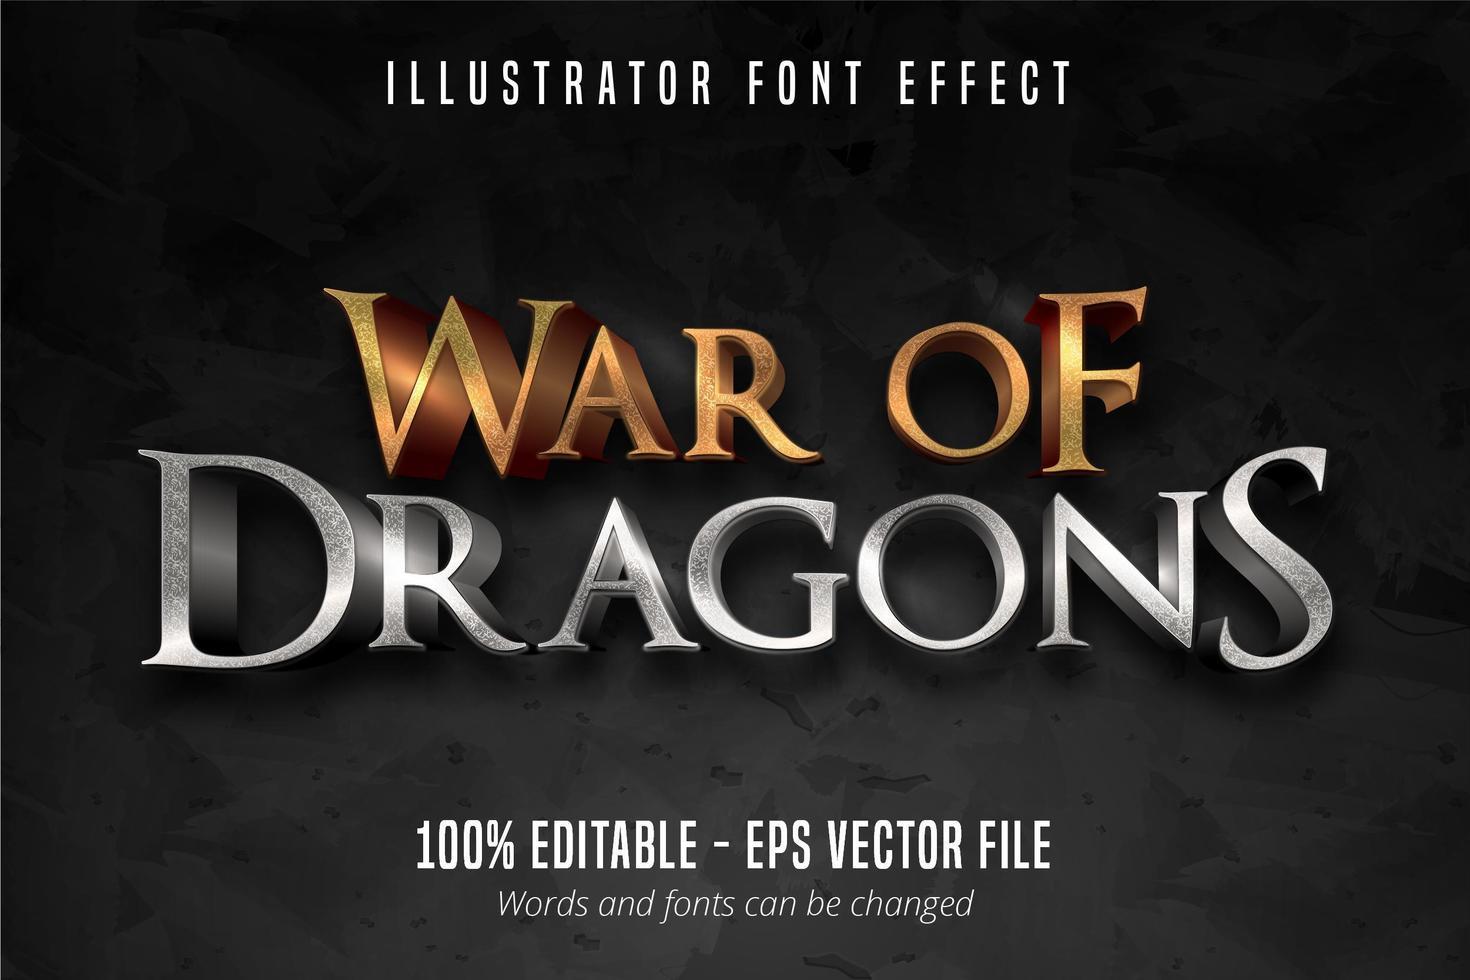 efeito de fonte de texto guerra de dragões vetor